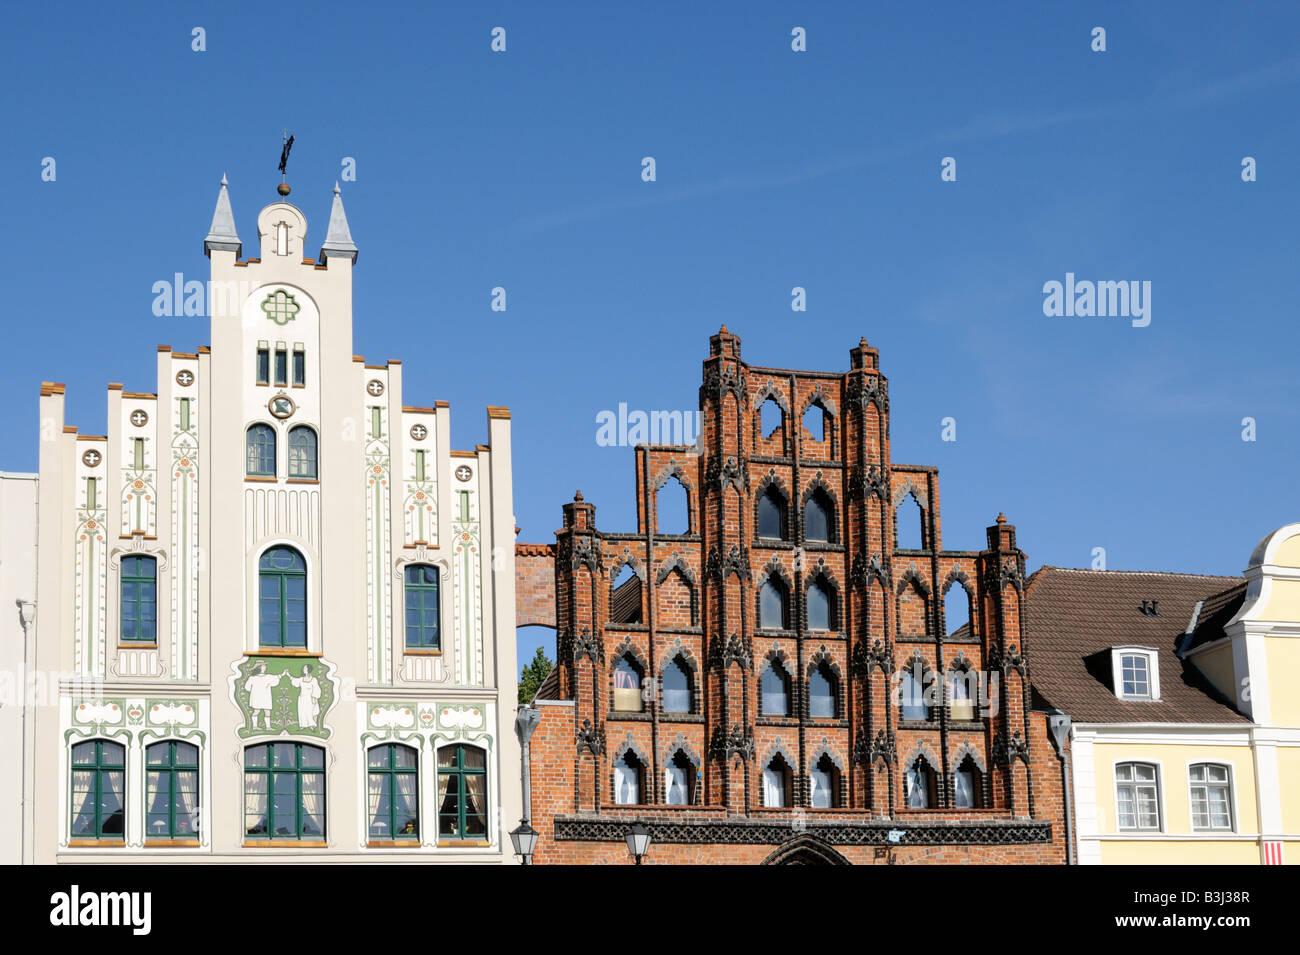 Giebelhäuser in Wismar Mecklenburg Vorpommern Deutschland Gable houses in Wismar Mecklenburg Western Pomerania - Stock Image